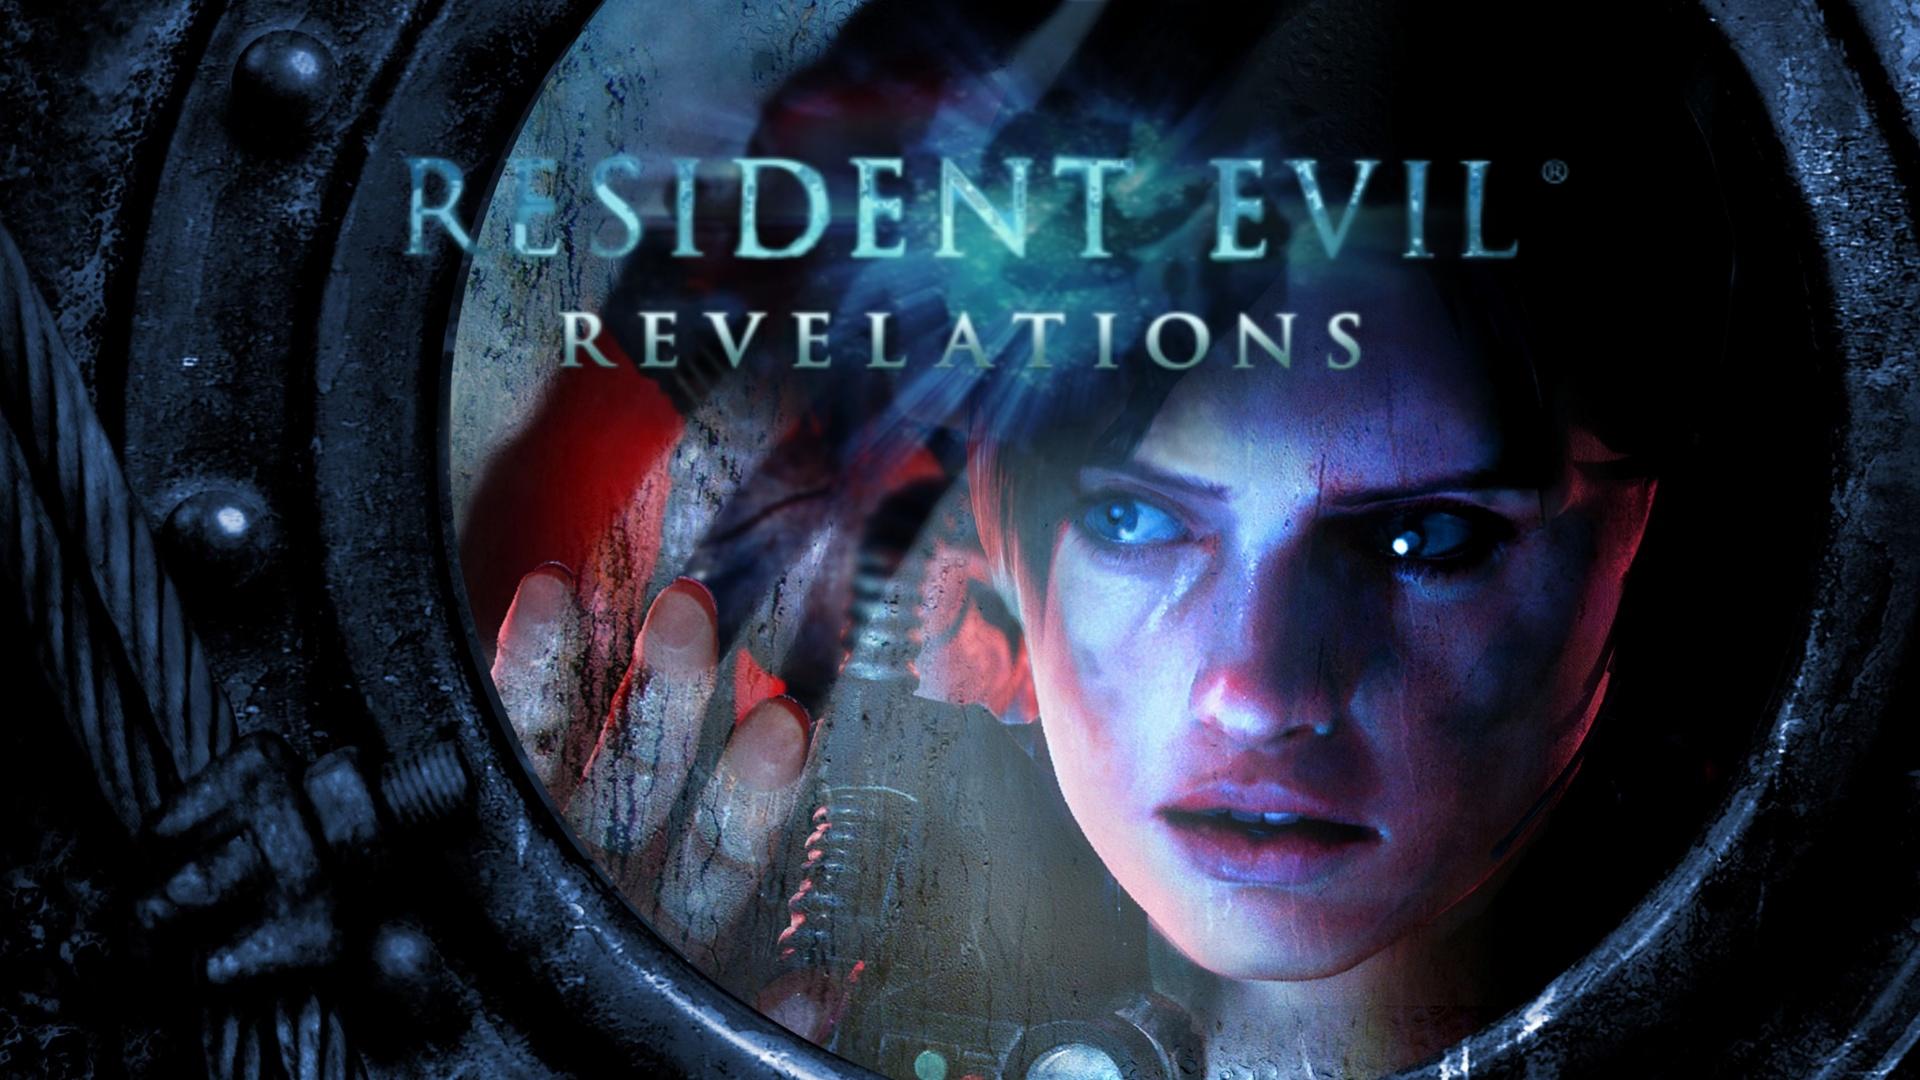 resident-evil.revelations-nat-games-wallpaper-test-review-logo